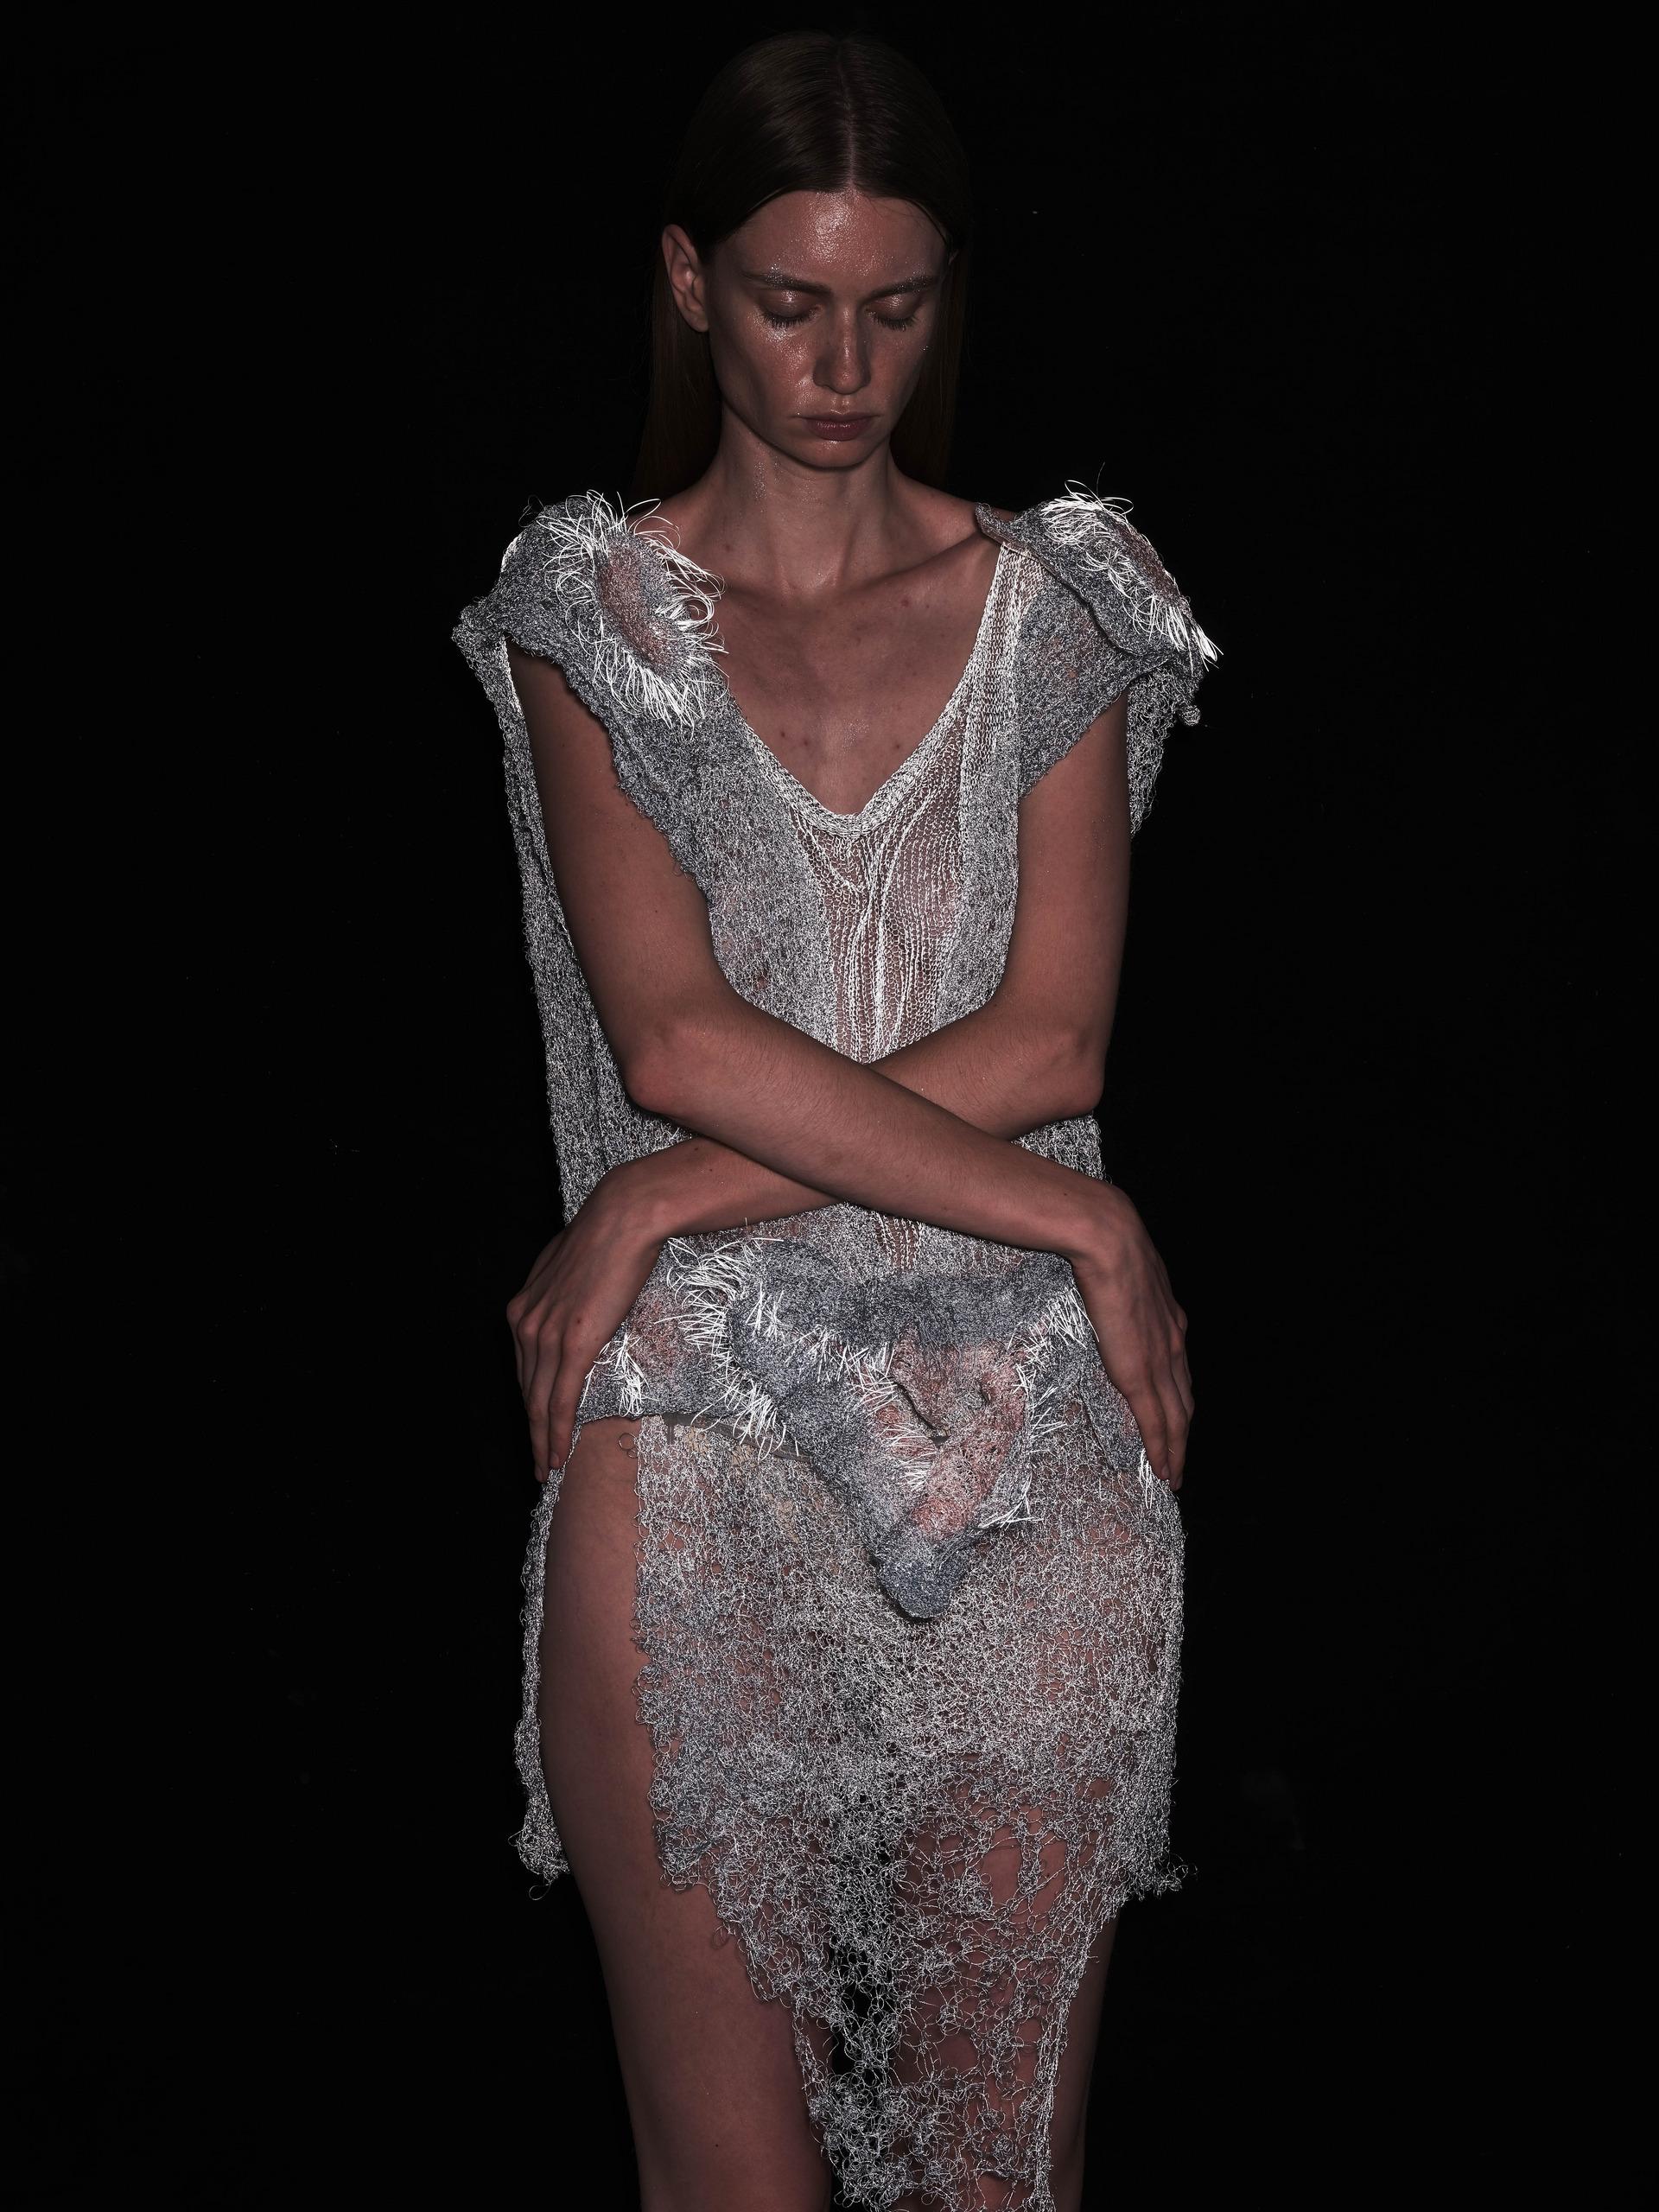 HUG ME Conceptual Inflatable Garment